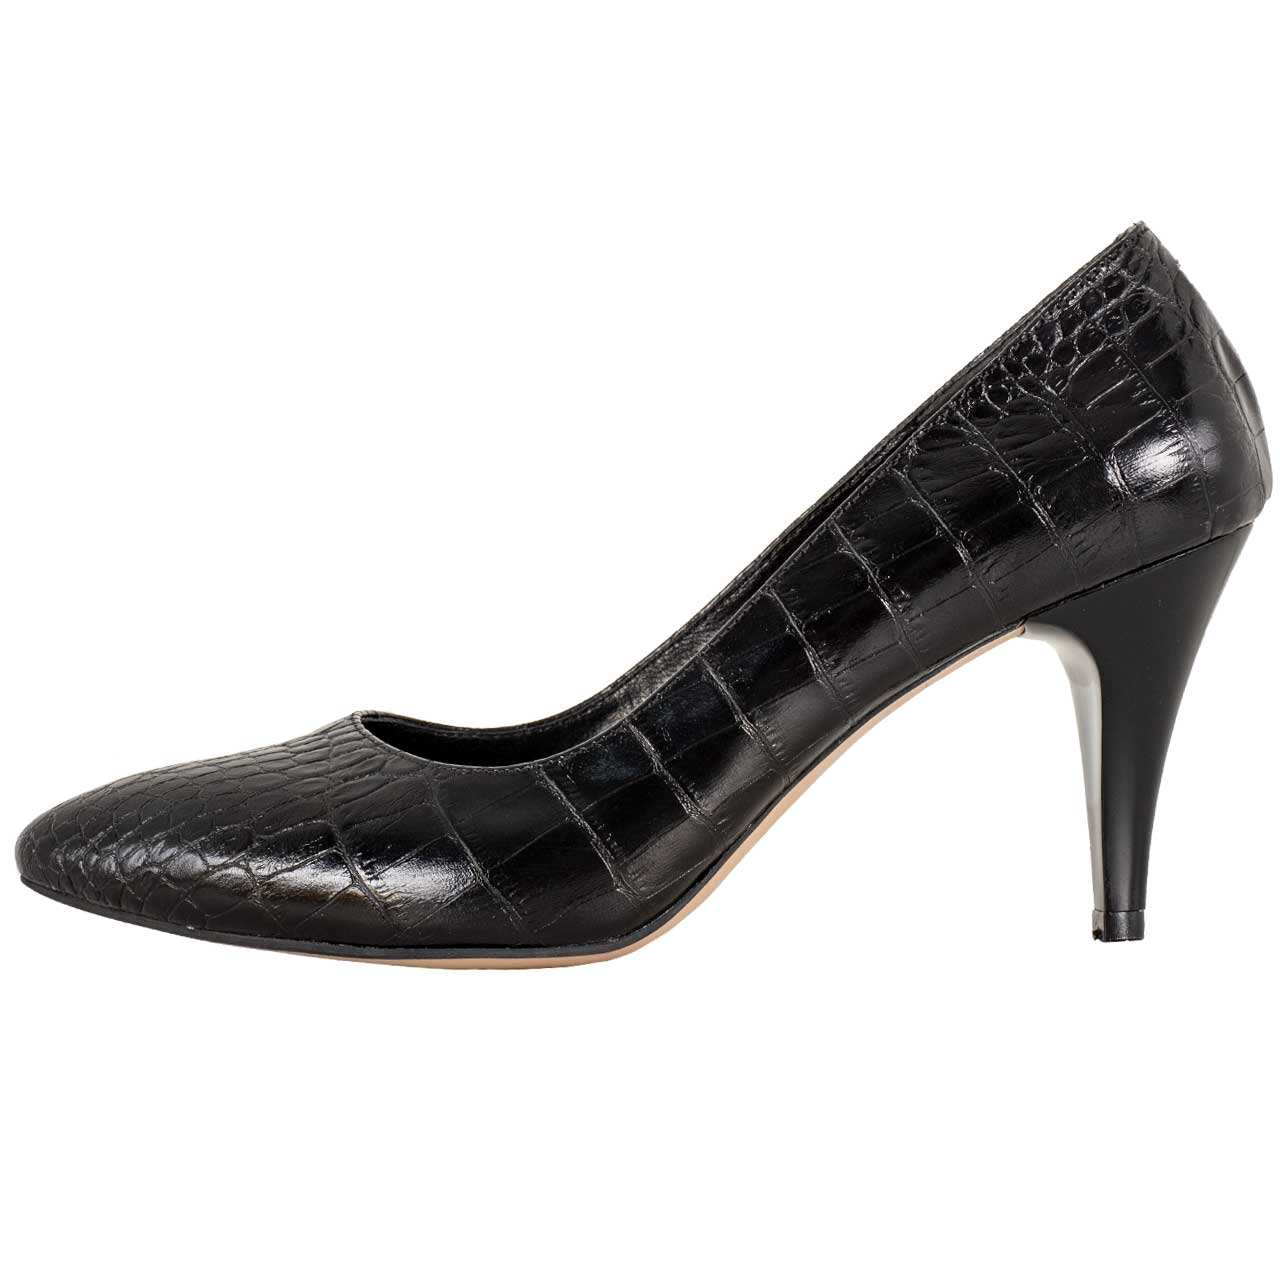 کفش زنانه پارینه چرم مدل Show43 -  - 2